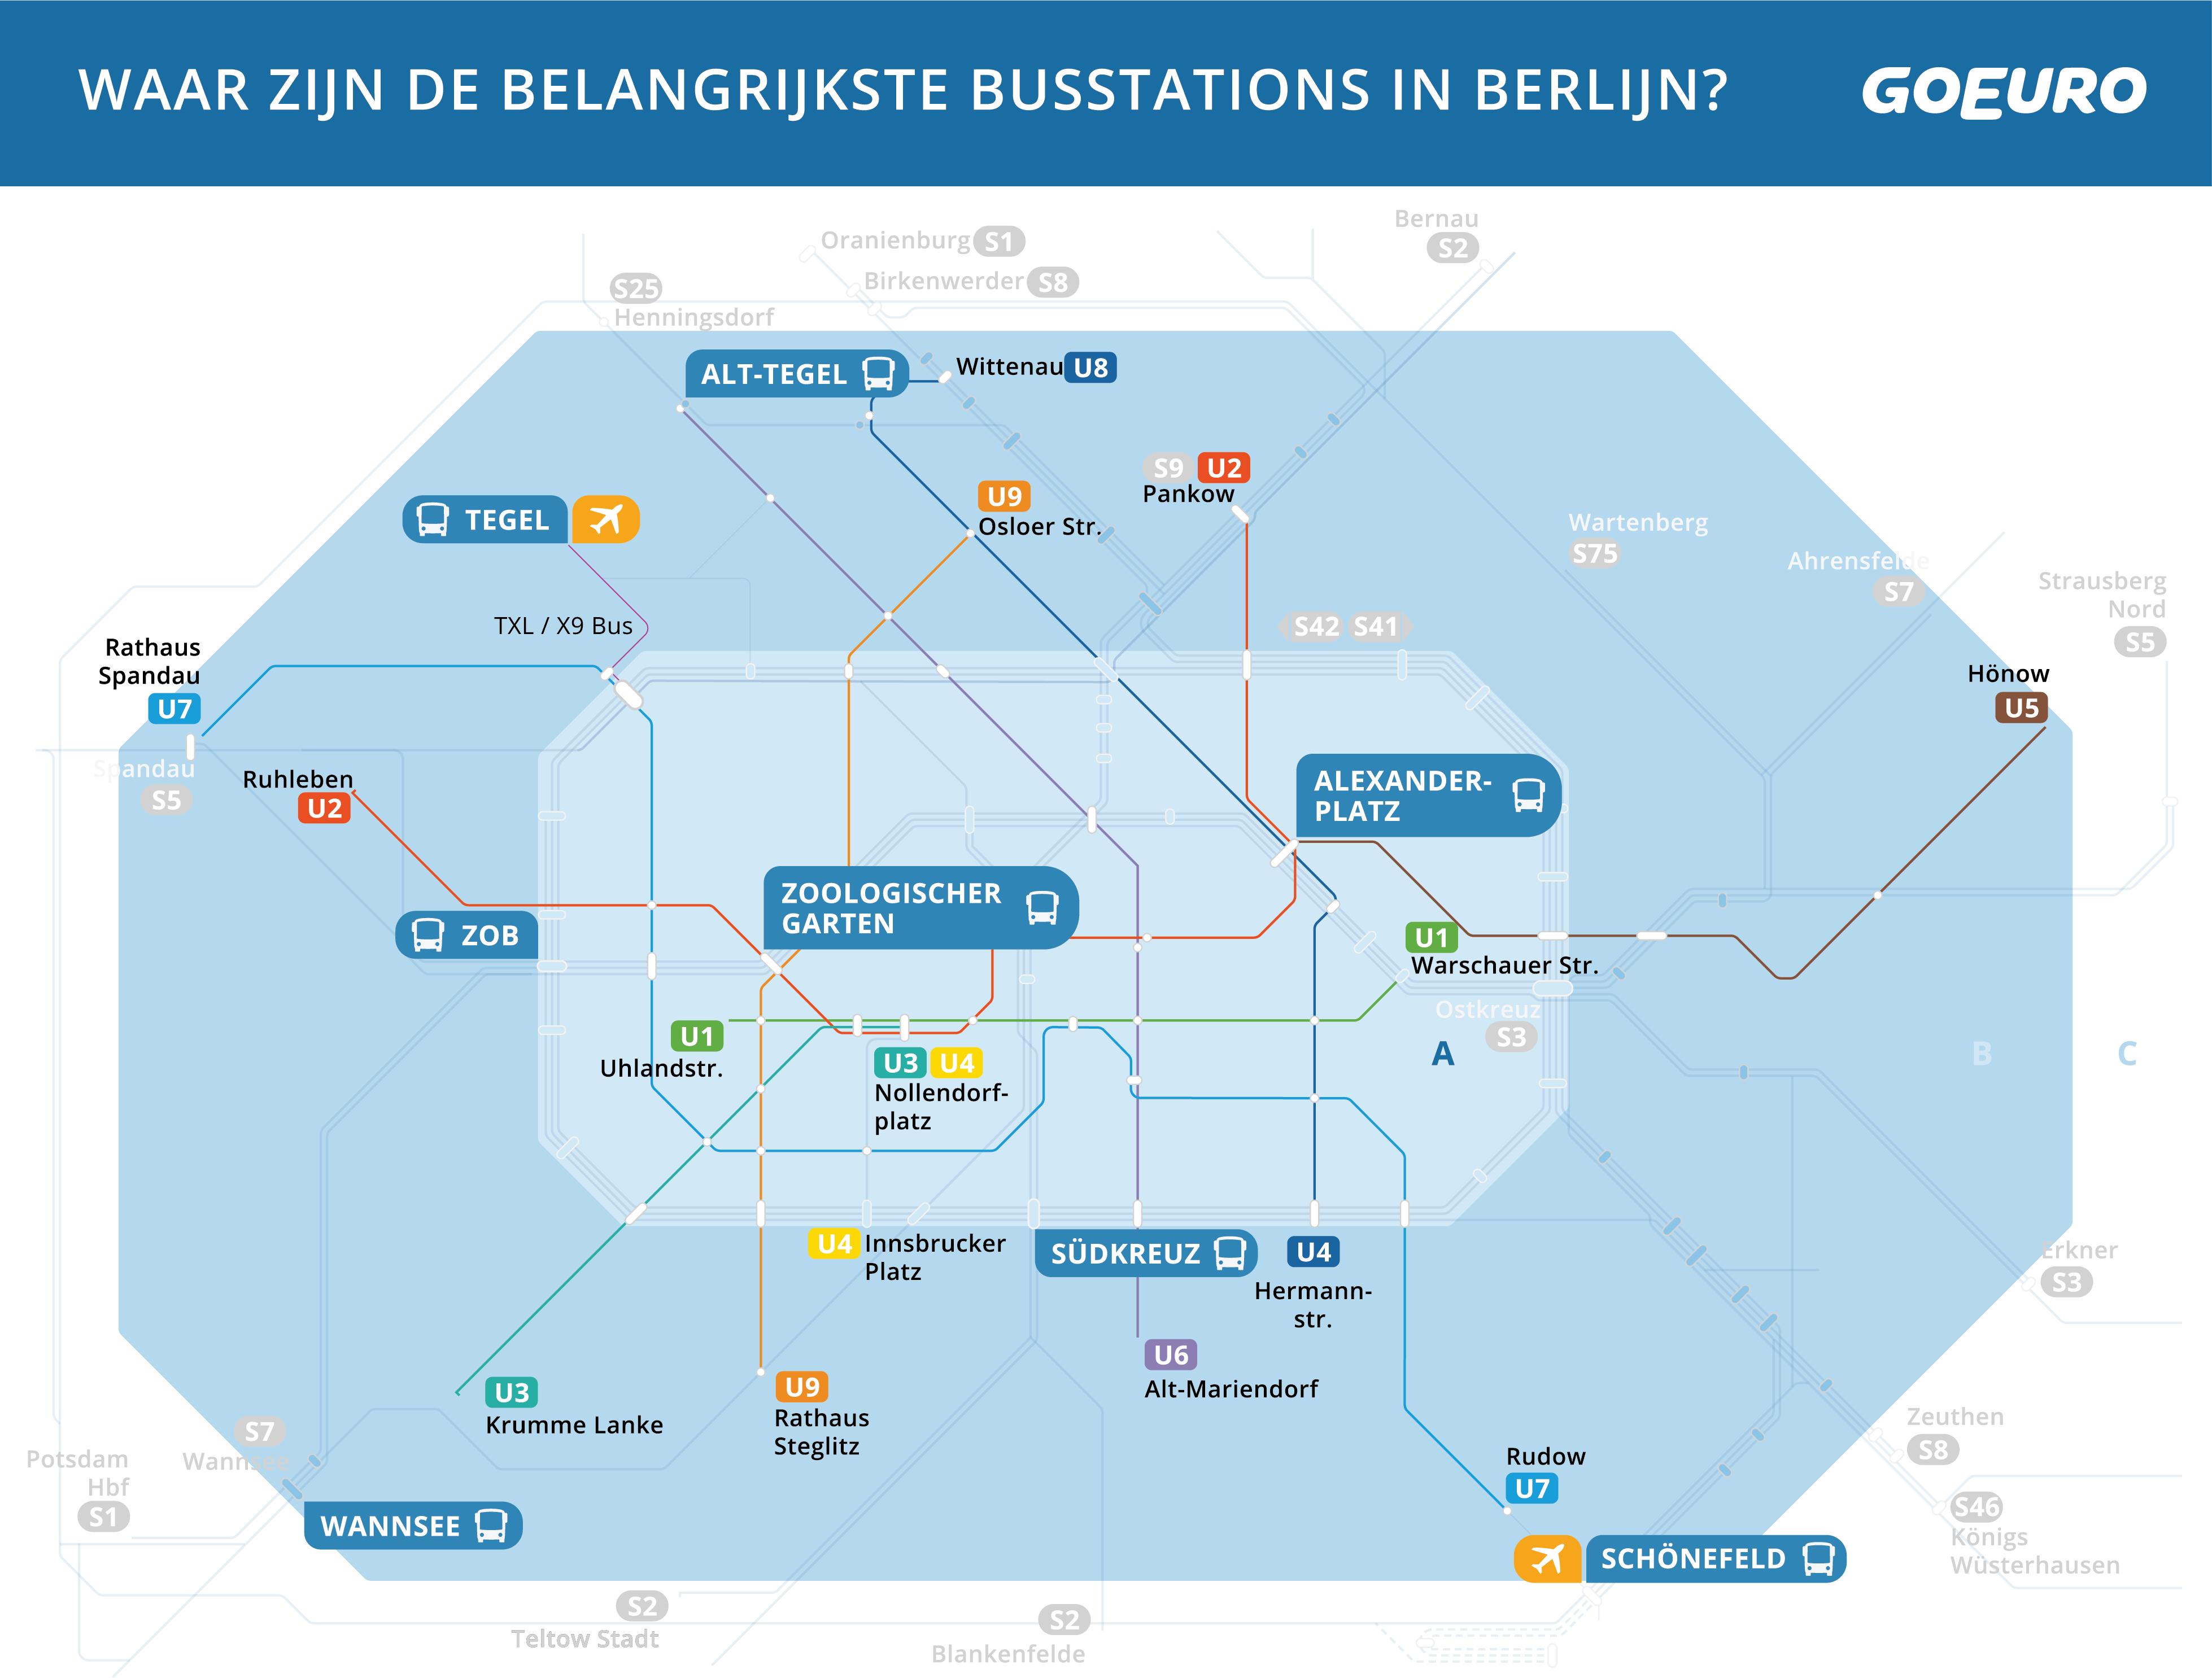 Kaart van busstations en U-Bahnstations in Berlijn